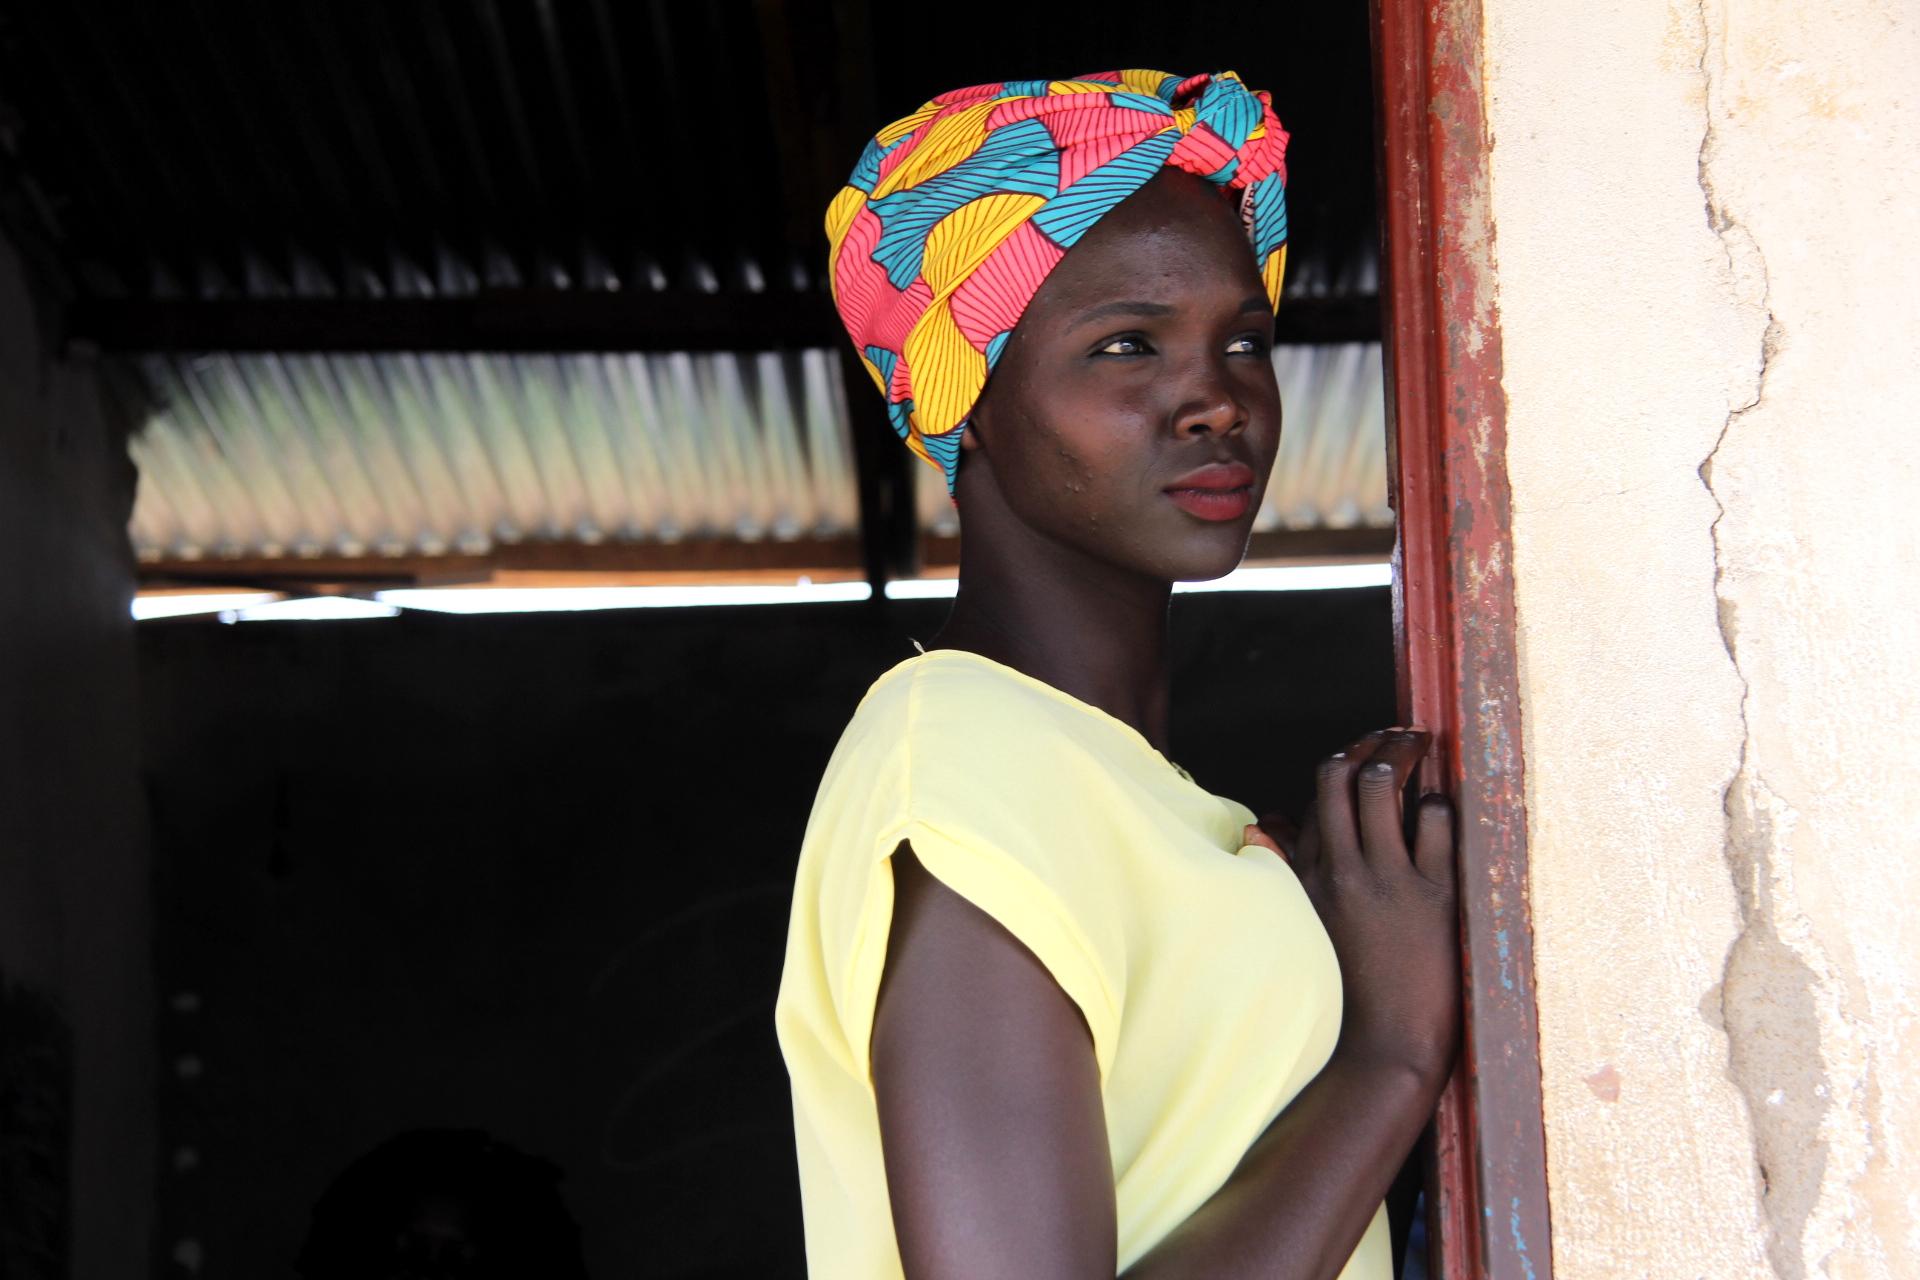 Manuela Modong ist Aktivistin im Südsudan und klärt Mädchen über den weiblichen Körper auf. Im normalen Unterricht lernen Mädchen darüber normalerweise nichts. Hier steht Manuela an der Klassenzimmertür einer Schule in Juba.